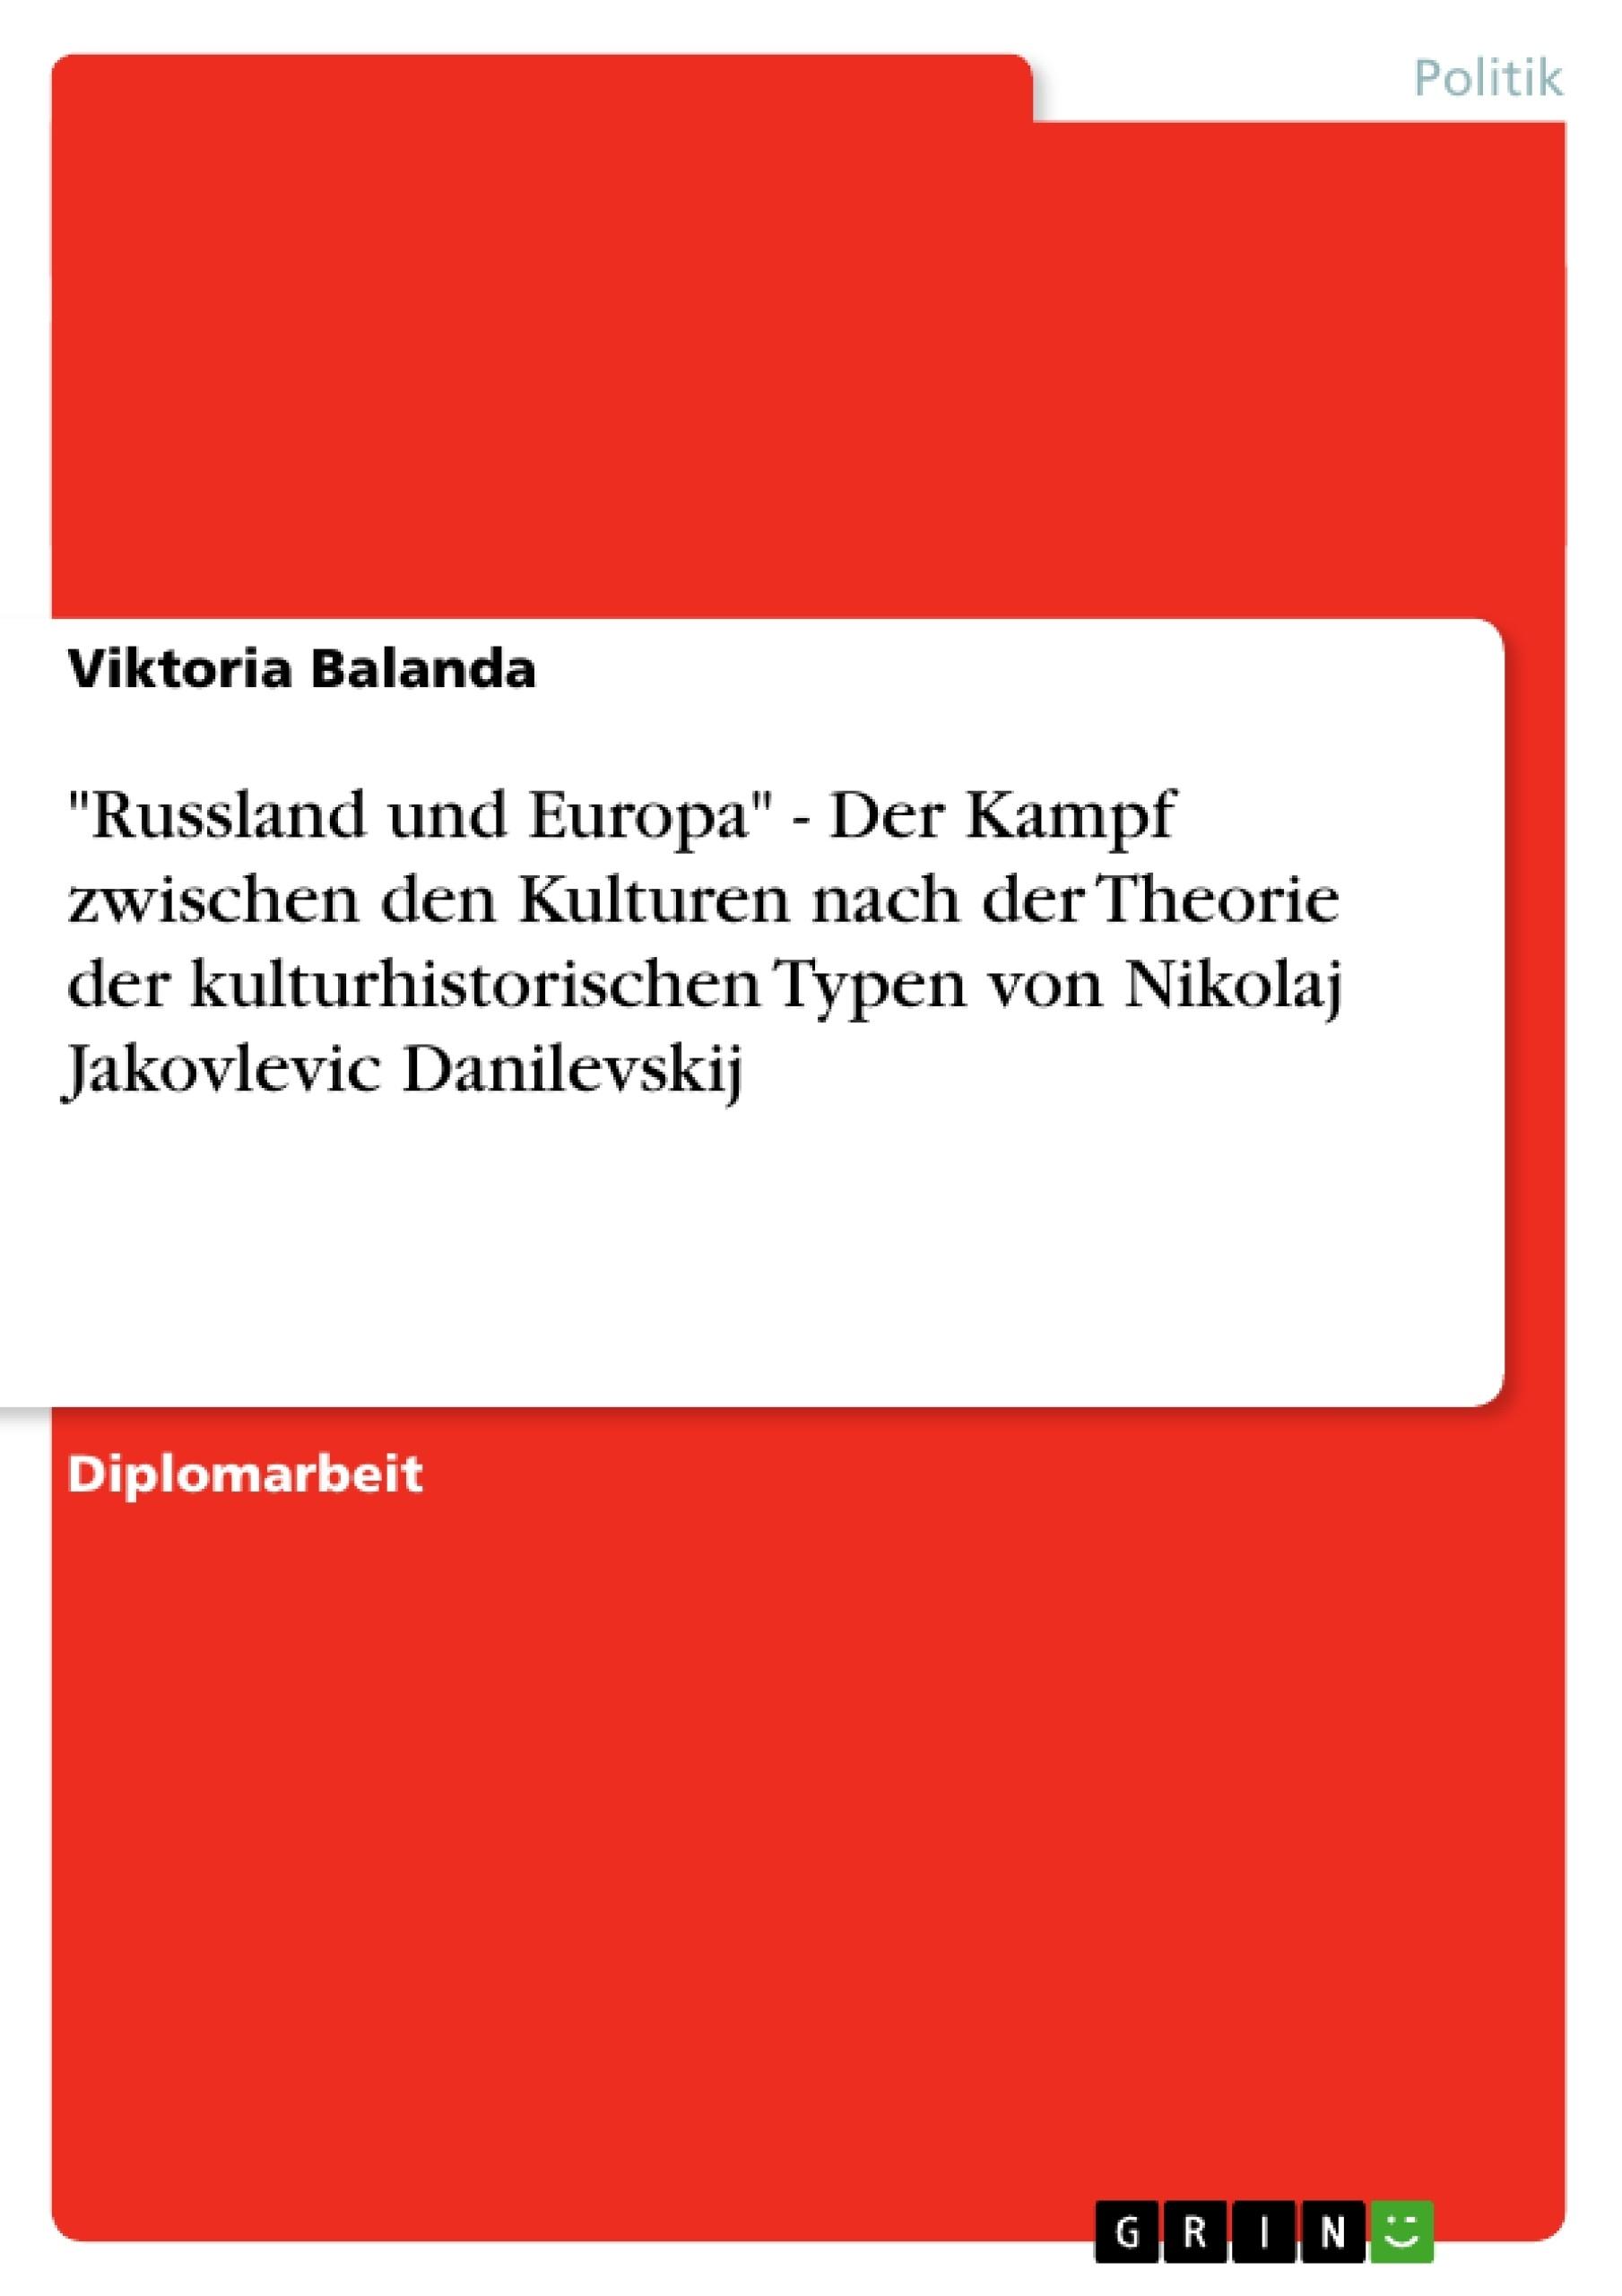 """Titel: """"Russland und Europa"""" - Der Kampf zwischen den Kulturen nach der Theorie der kulturhistorischen Typen von Nikolaj Jakovlevic Danilevskij"""